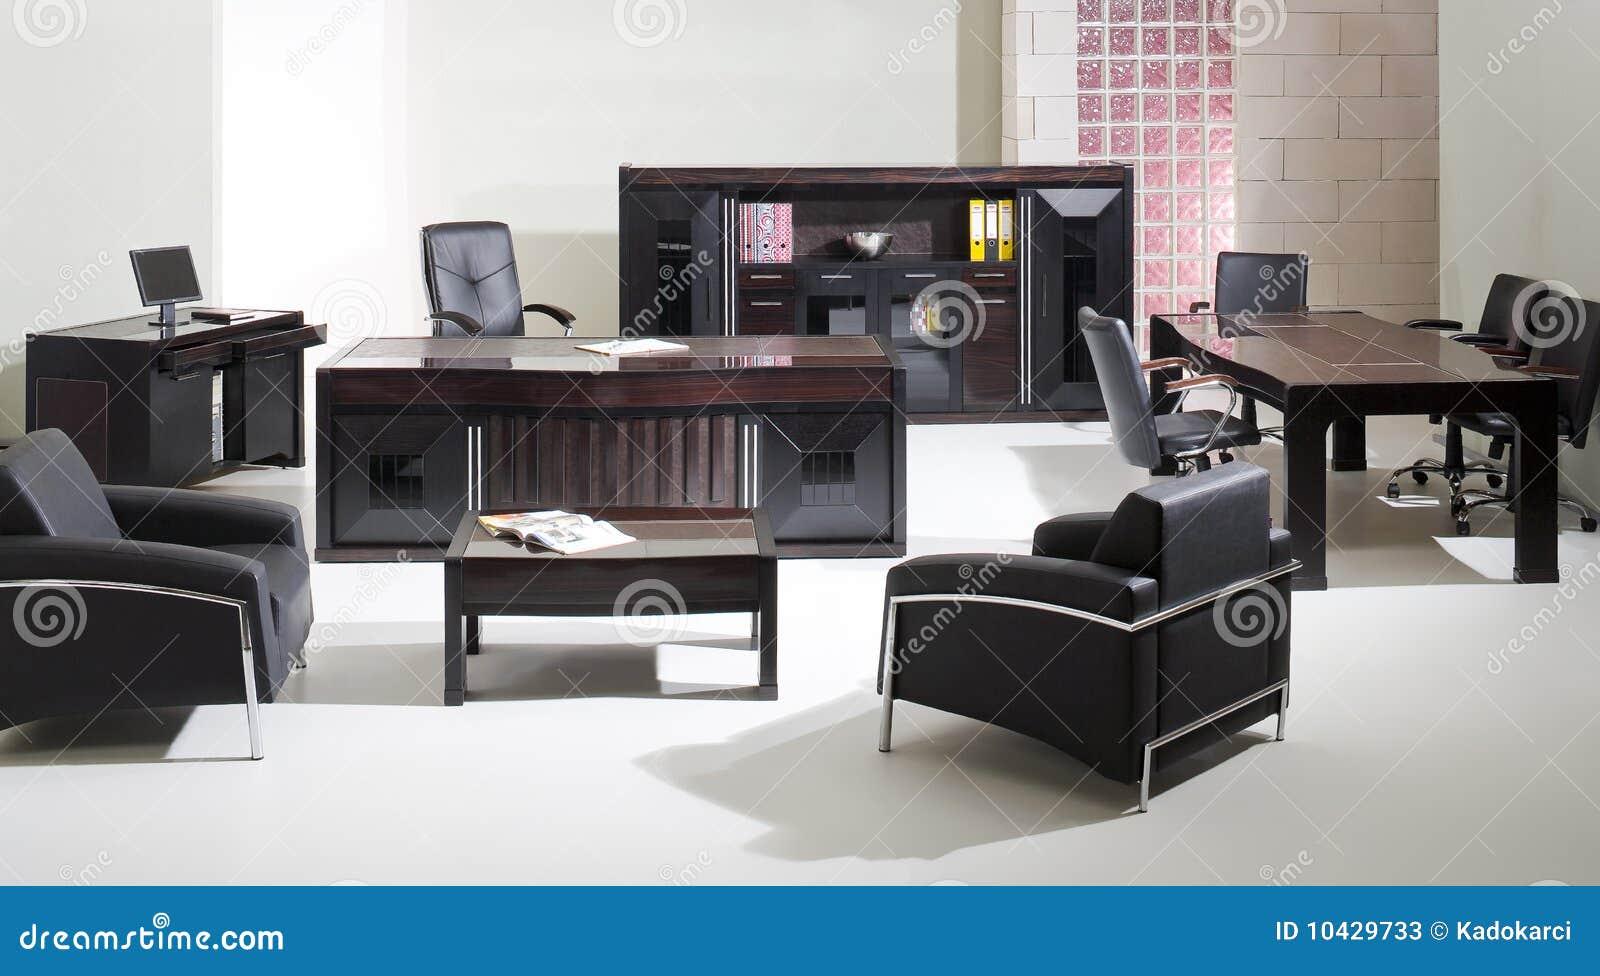 Muebles de oficinas fotos de archivo imagen 10429733 for Muebles de oficina blancos